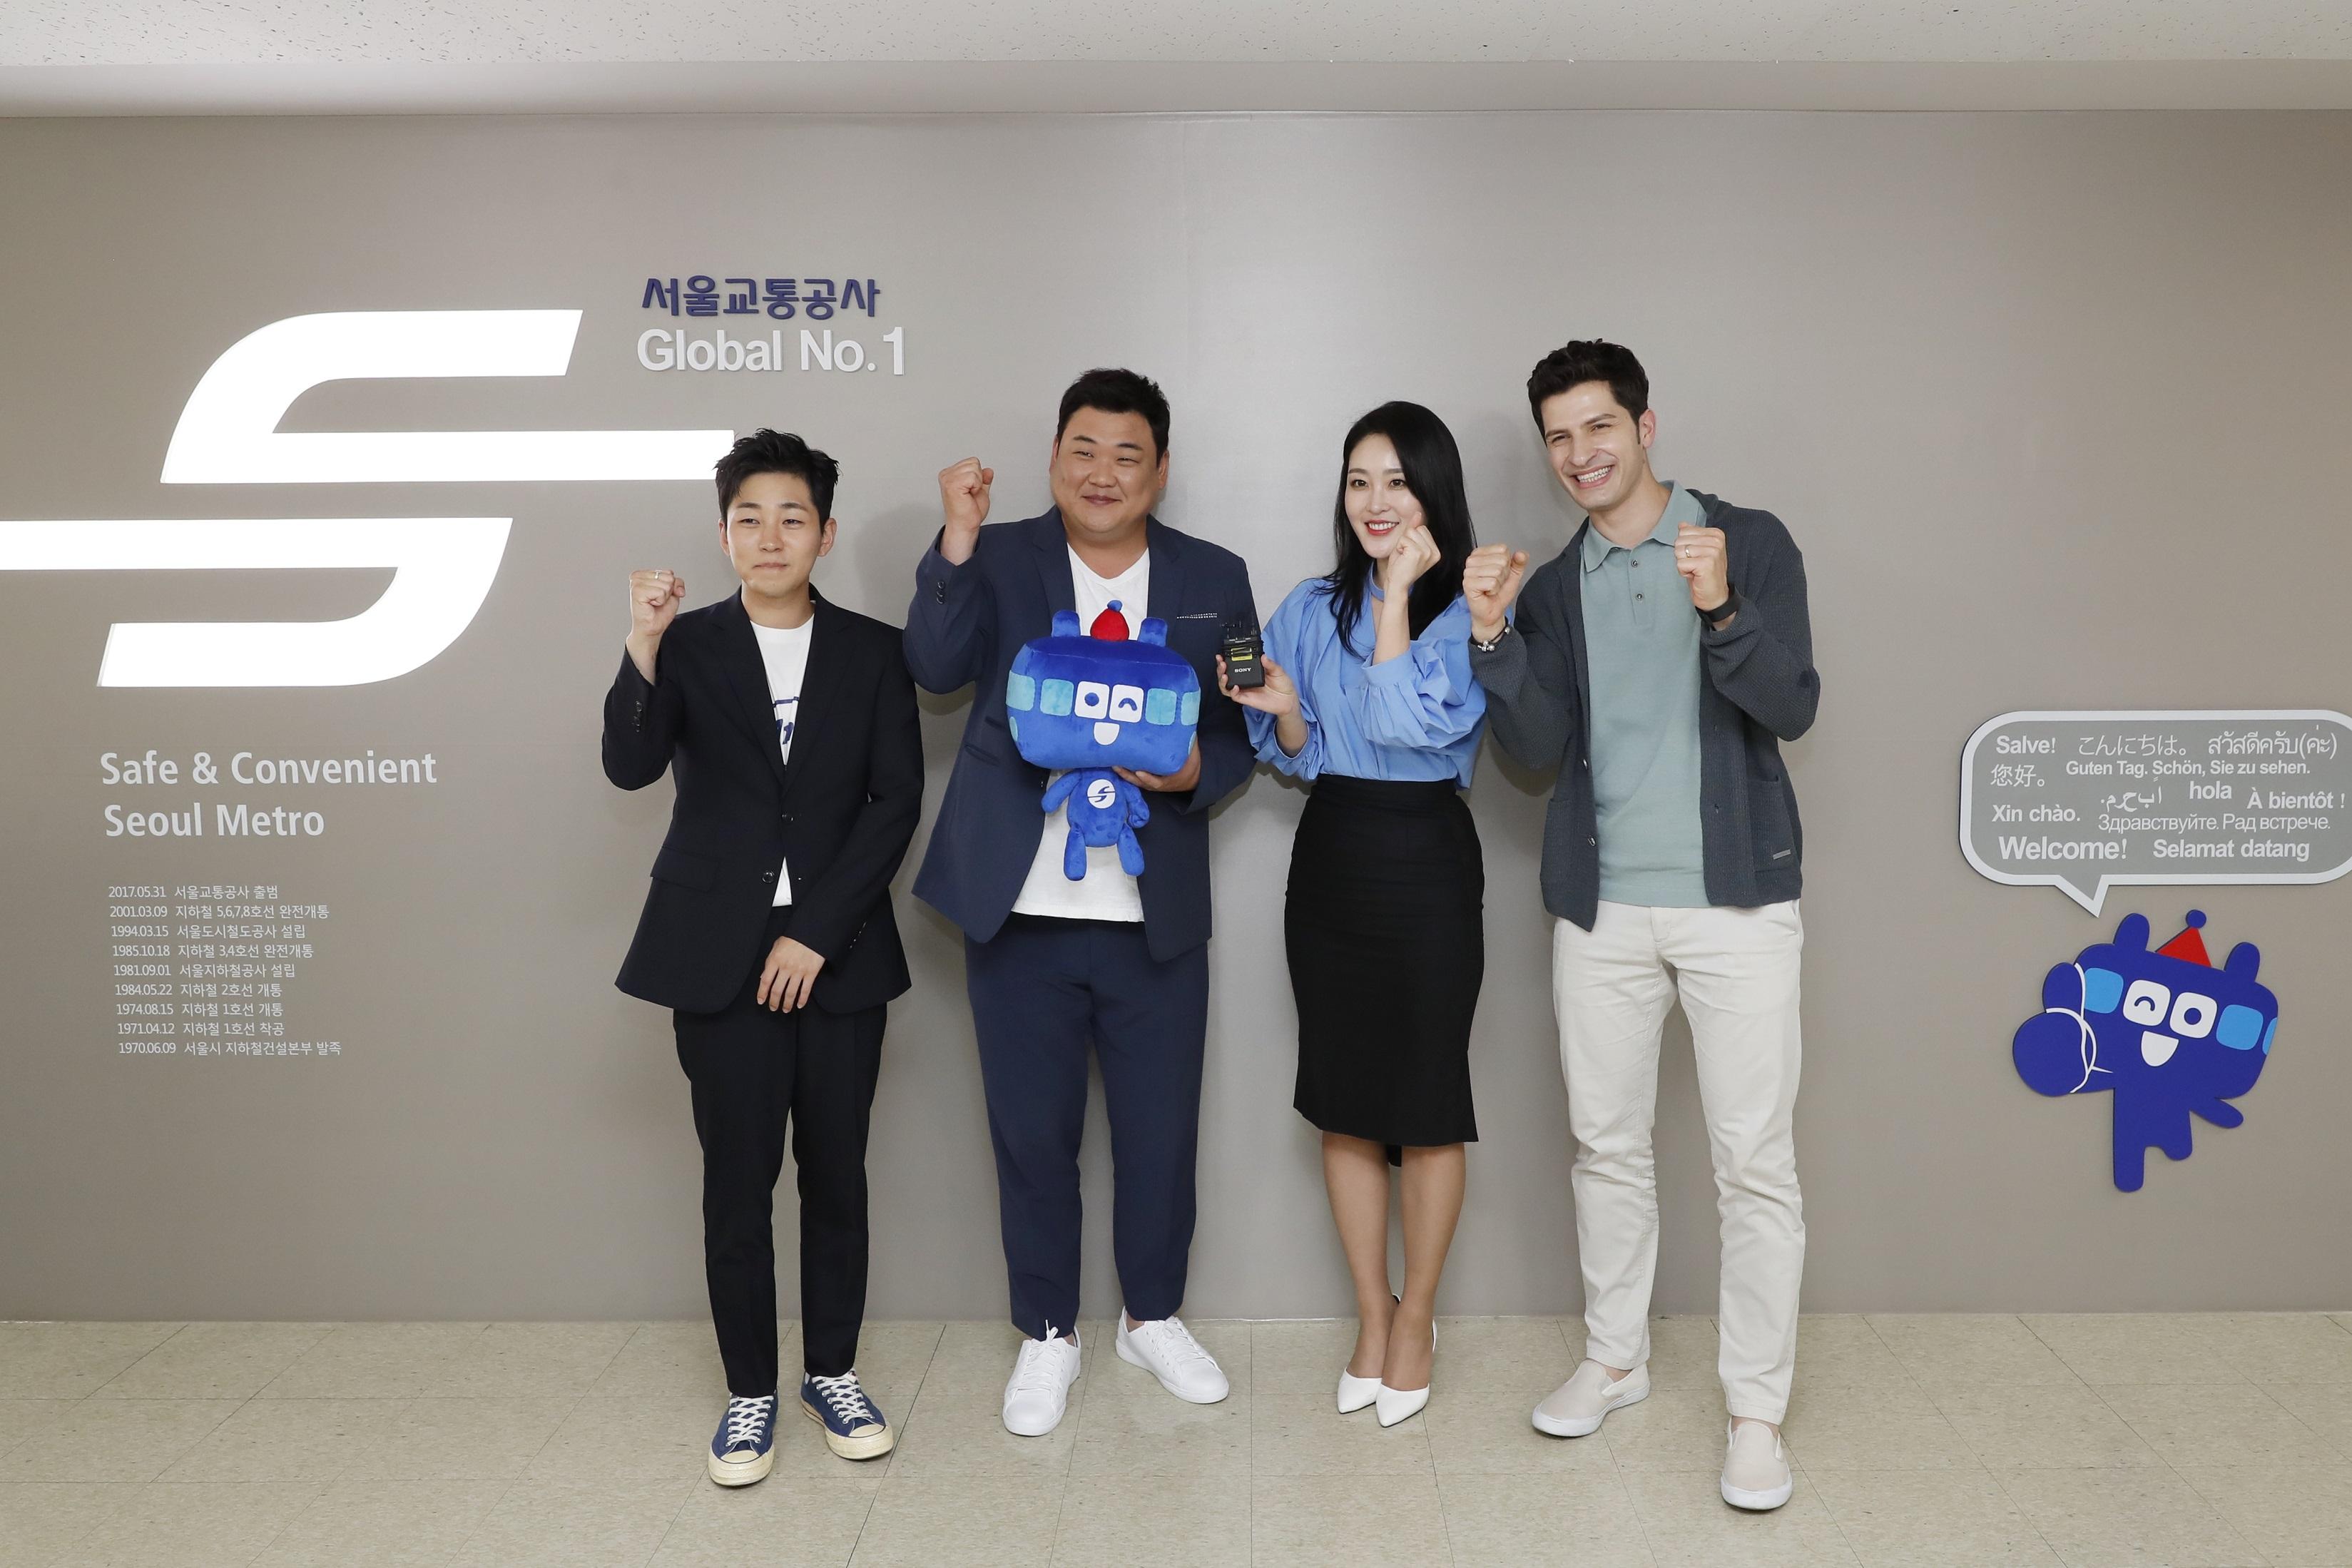 """'어서와 한국은 처음이지?' 4MC 서울교통공사 홍보대사 위촉! """"서울 지하철 널리 알릴 것"""""""